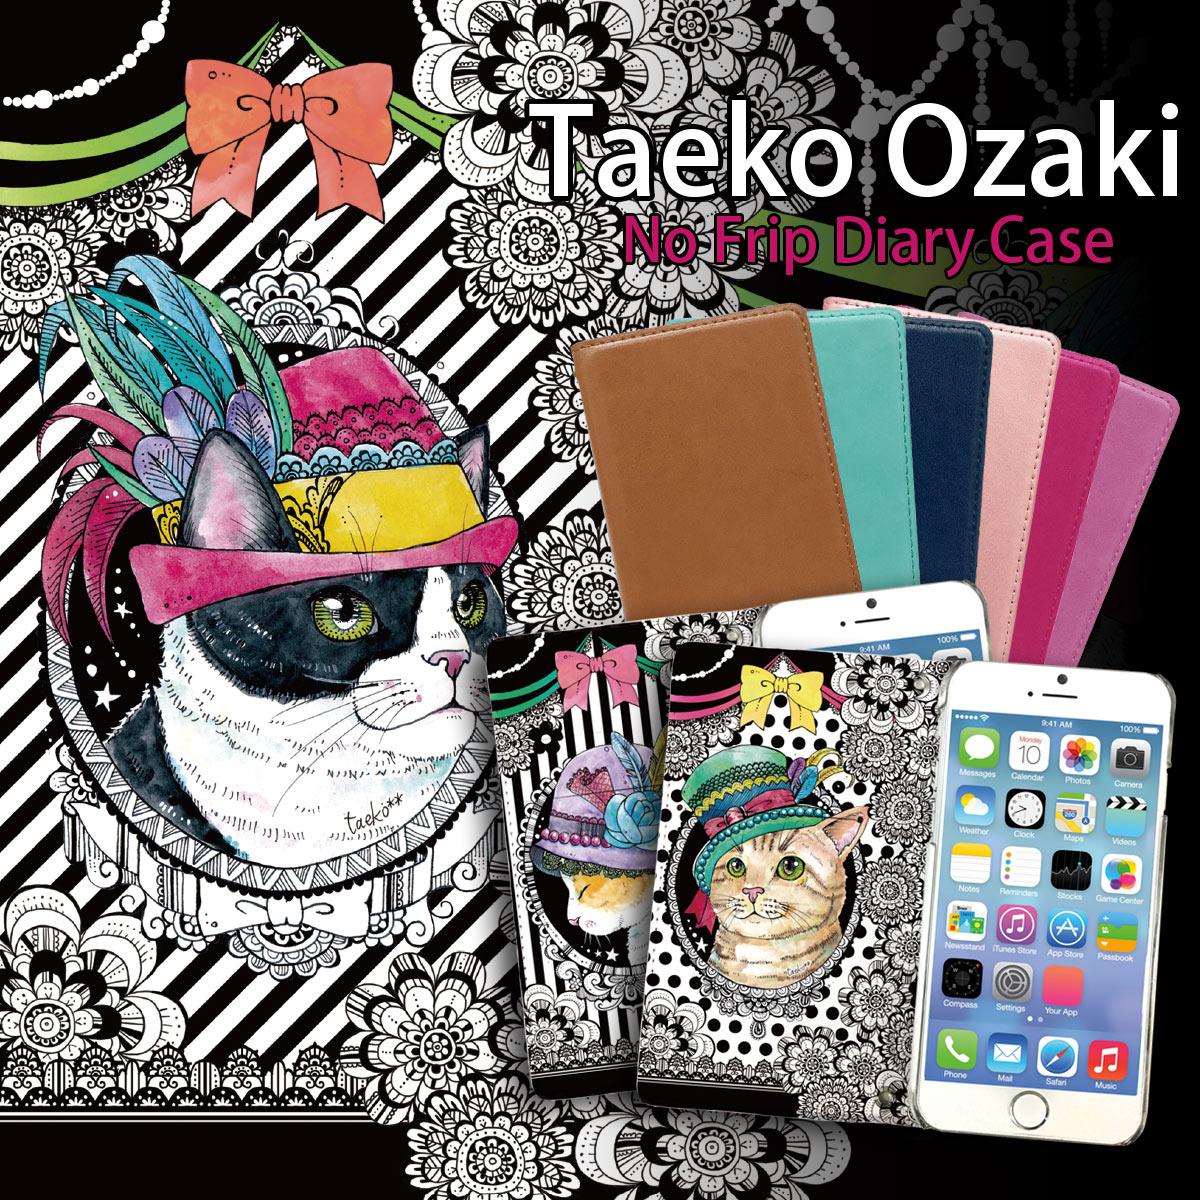 スマホケース 手帳型 全機種対応 手帳 ケース カバー ベルトなし iPhoneX iPhone8 ケース iPhone7 iPhone6s Plus iPhone SE Xperia XZ2 SO-05K SO-03K XZ1 SO-01K XZs SO-03J aquos R2 sh-04k R sh-03k shv39 arrows galaxy S9 S8 Taeko Ozaki jiang-ds823